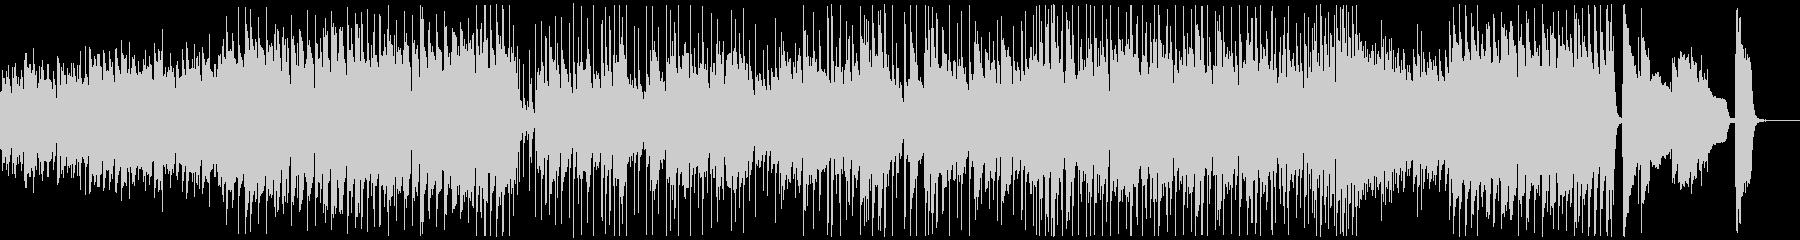 勢いのあるピアノメインのジャズロックの未再生の波形